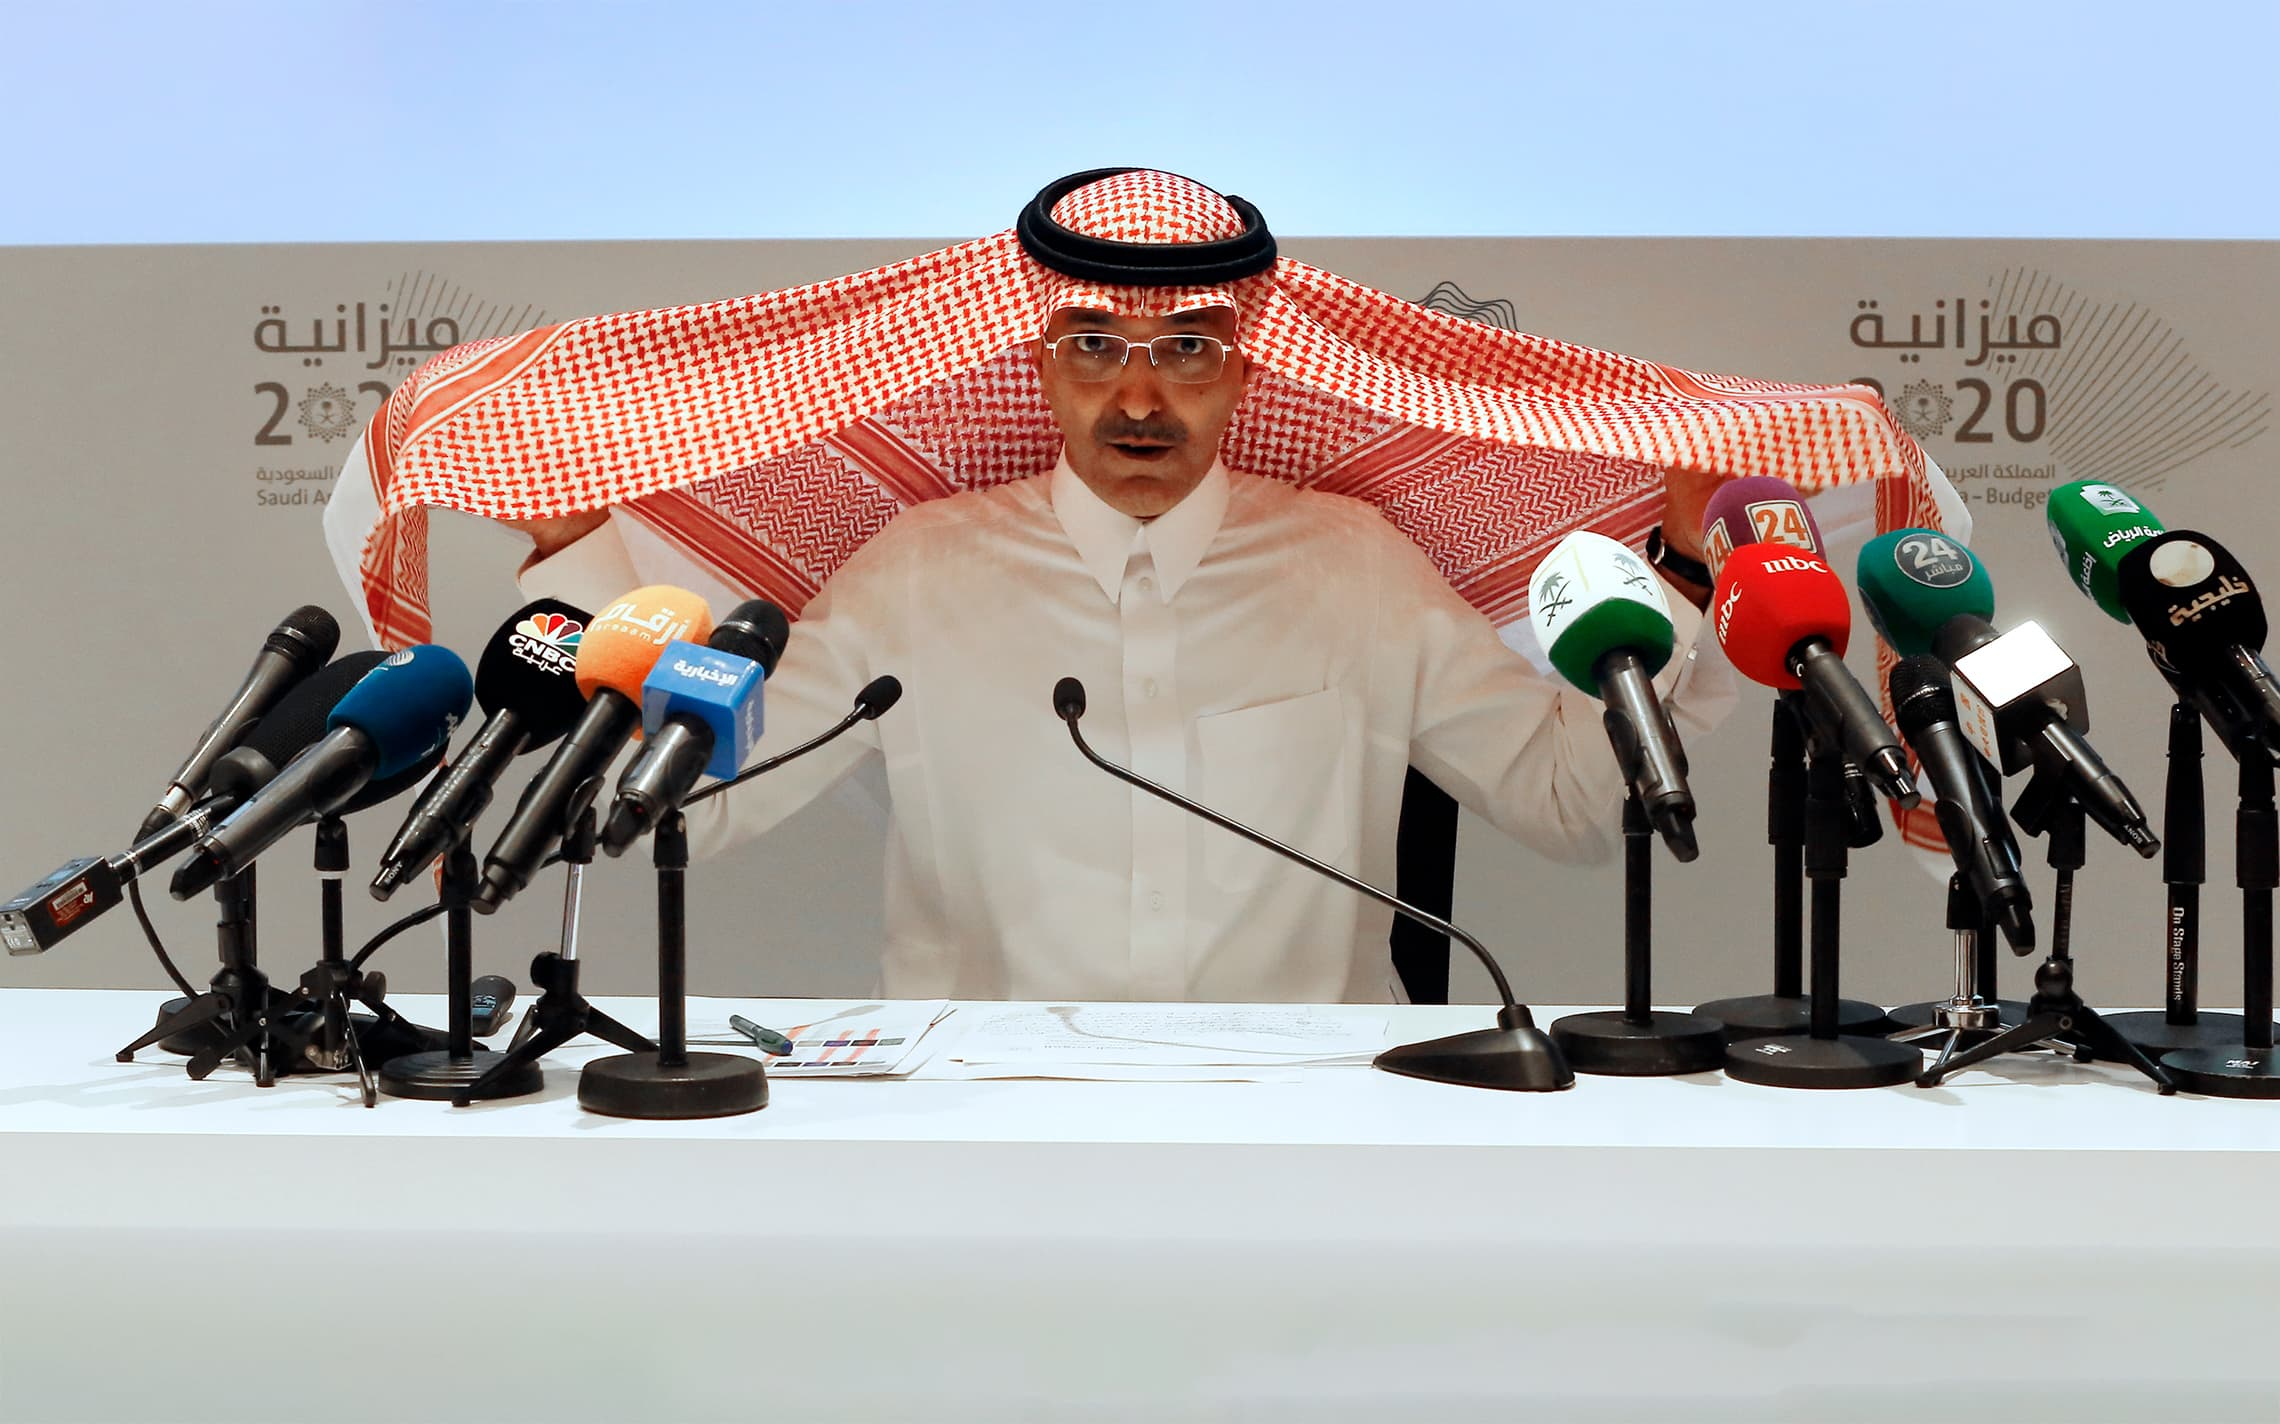 שר האוצר של ערב הסעודית מסדר את הכאפייה שלו במהלך מסיבת עיתונאים בריאד, 9 בדצמבר 2019 (צילום: AP Photo/Amr Nabil)